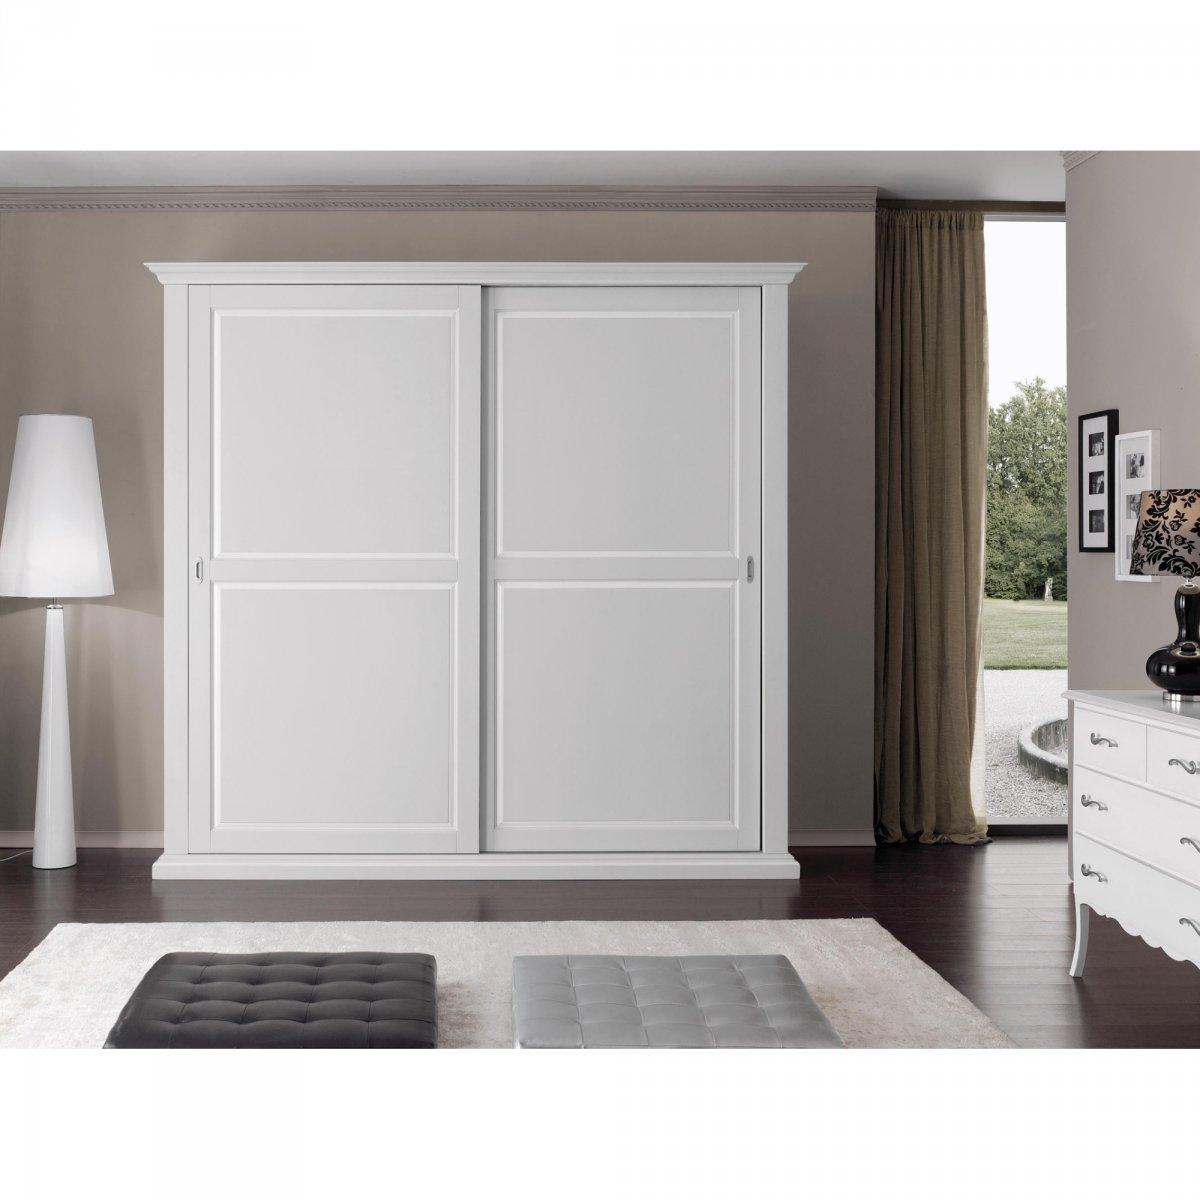 Home / Laccati & Decorati / Armadi / Armadio 2 Ante Scorrevoli #515741 1200 1200 Mobiletto Lavandino Cucina Ikea